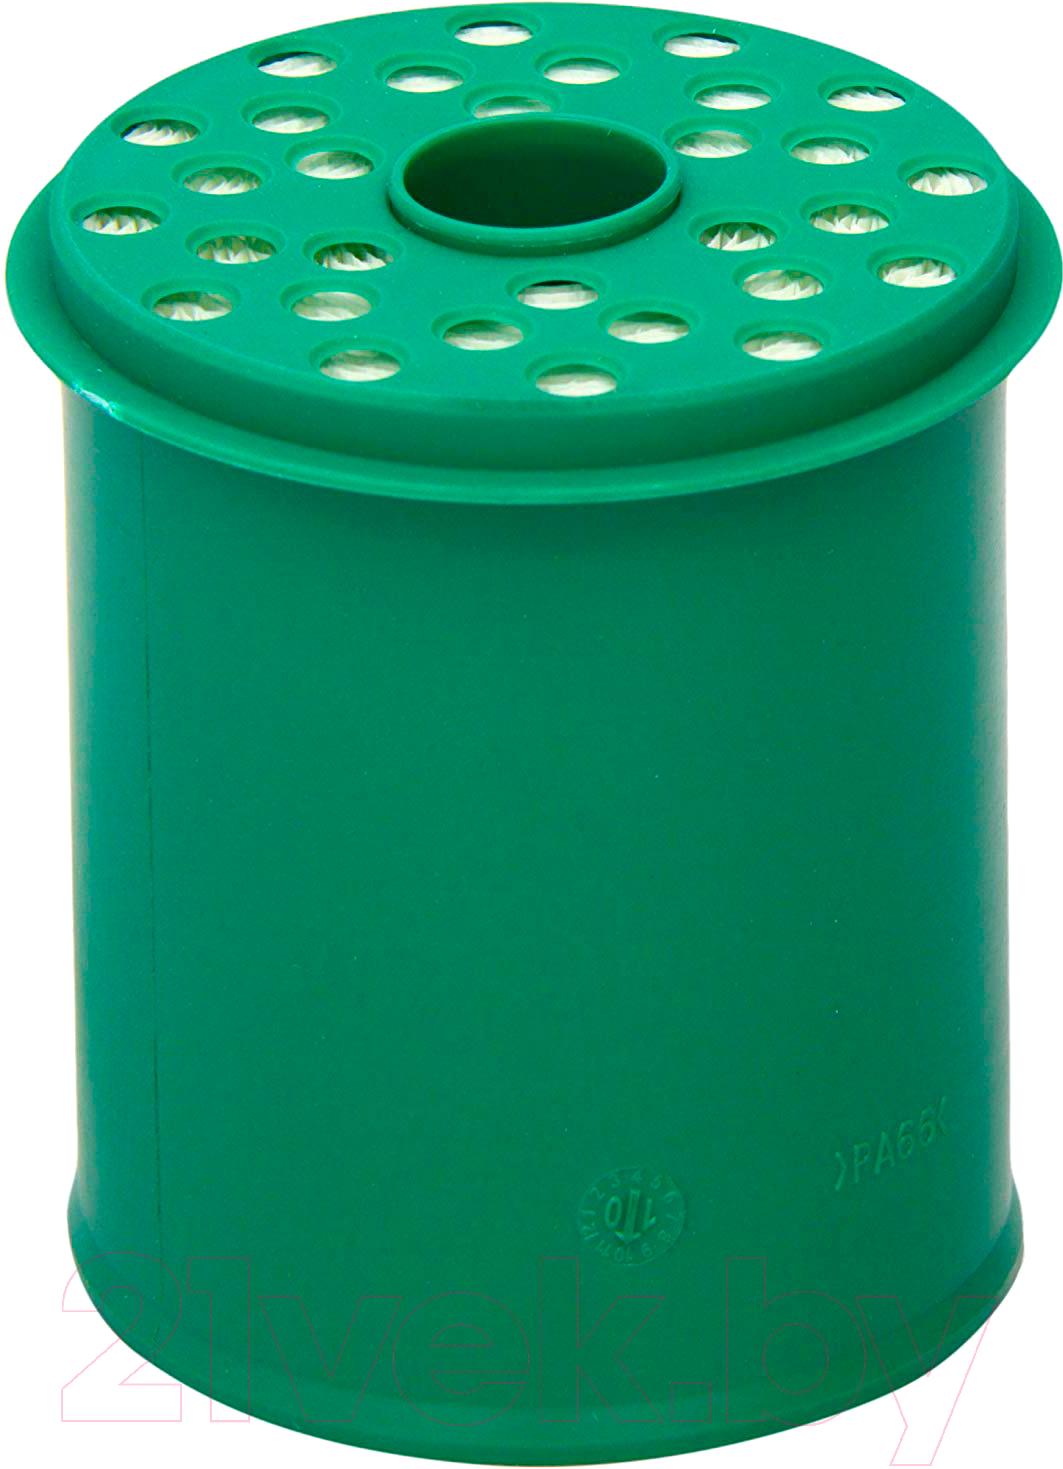 Купить Топливный фильтр Bosch, 1457431702, Германия